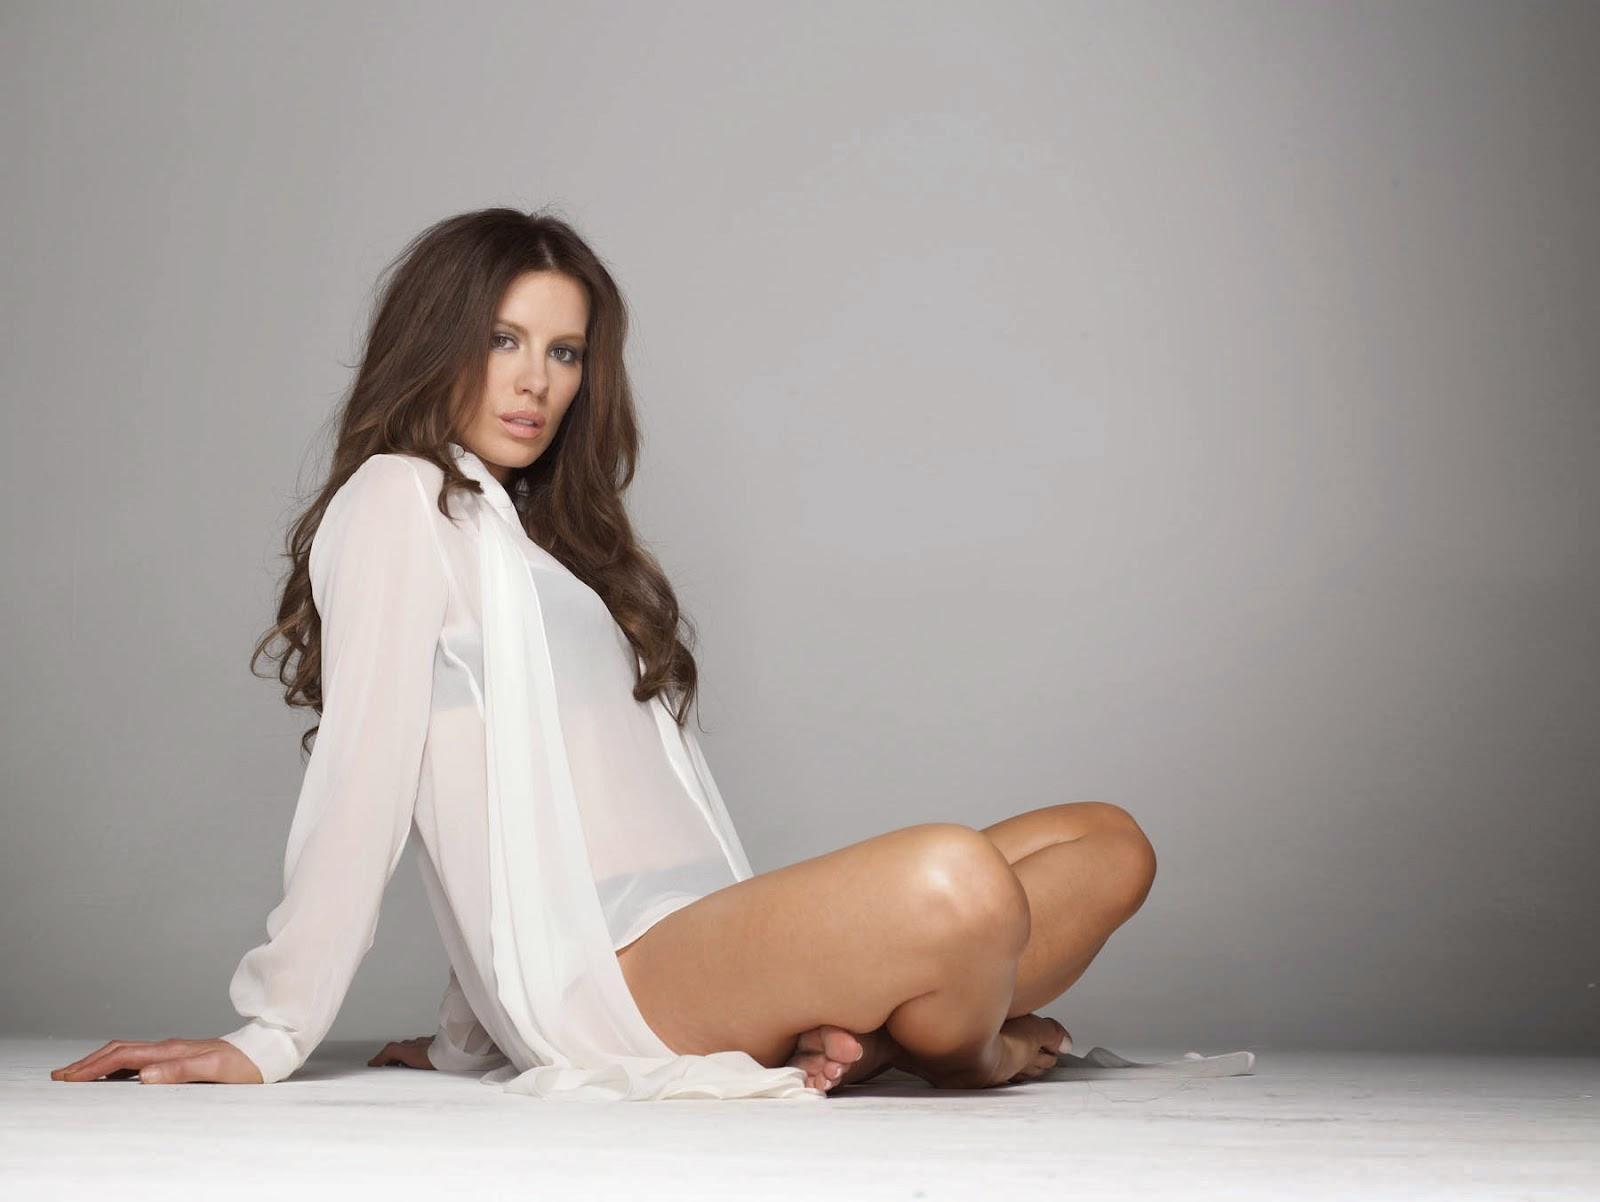 صور متنوعة للممثلة الانكليزية الجميلة كيت بيكنسيل